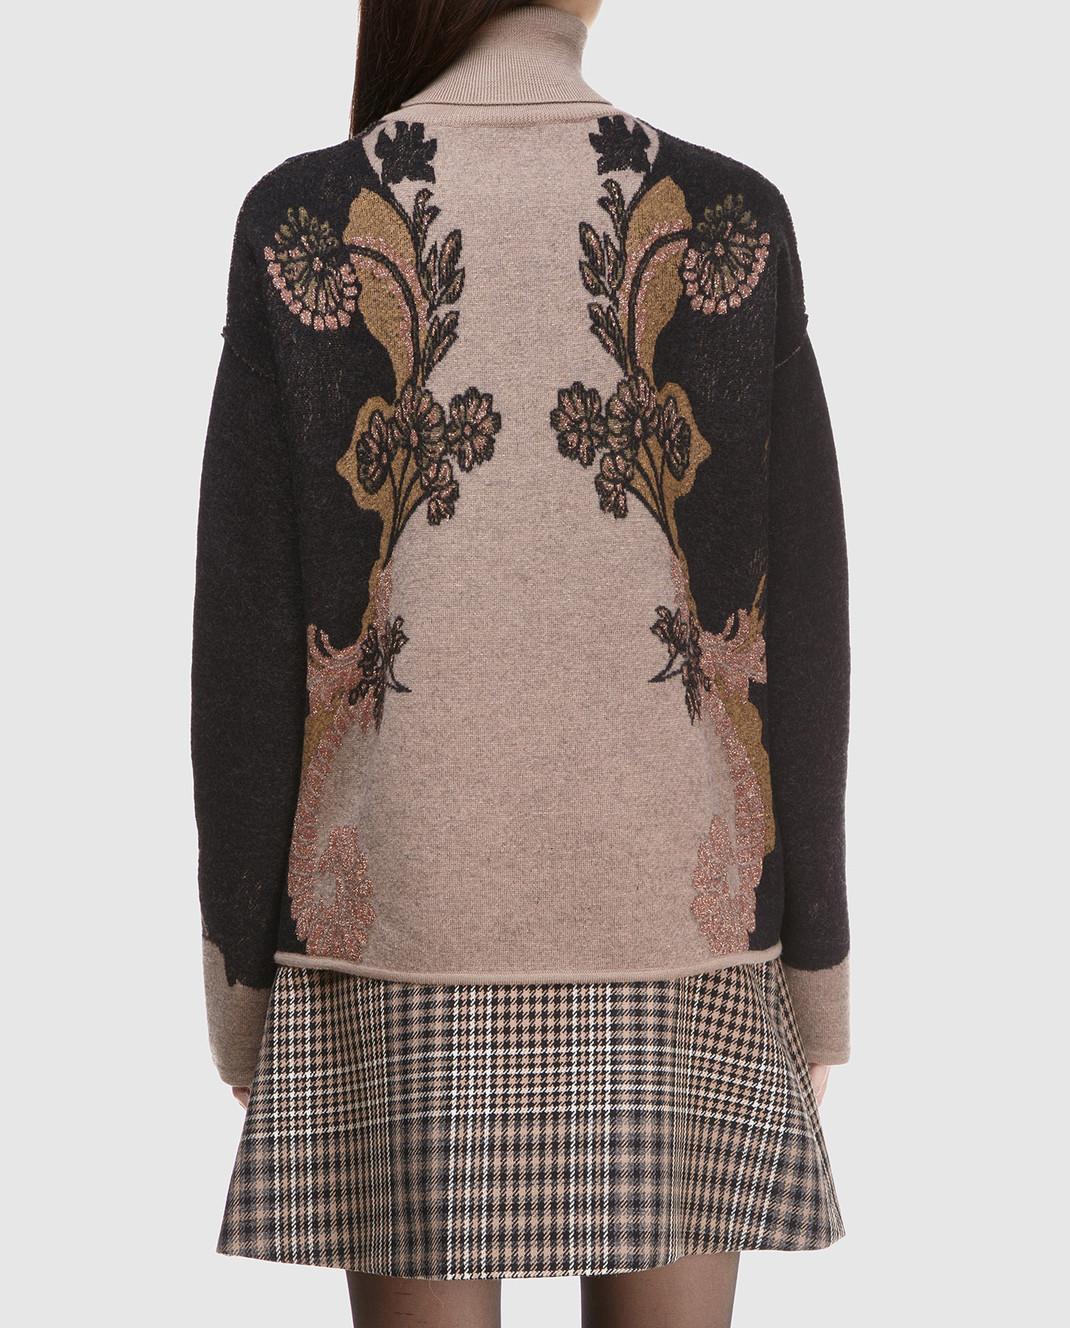 Etro Коричневый свитер из шерсти D156239303 изображение 4